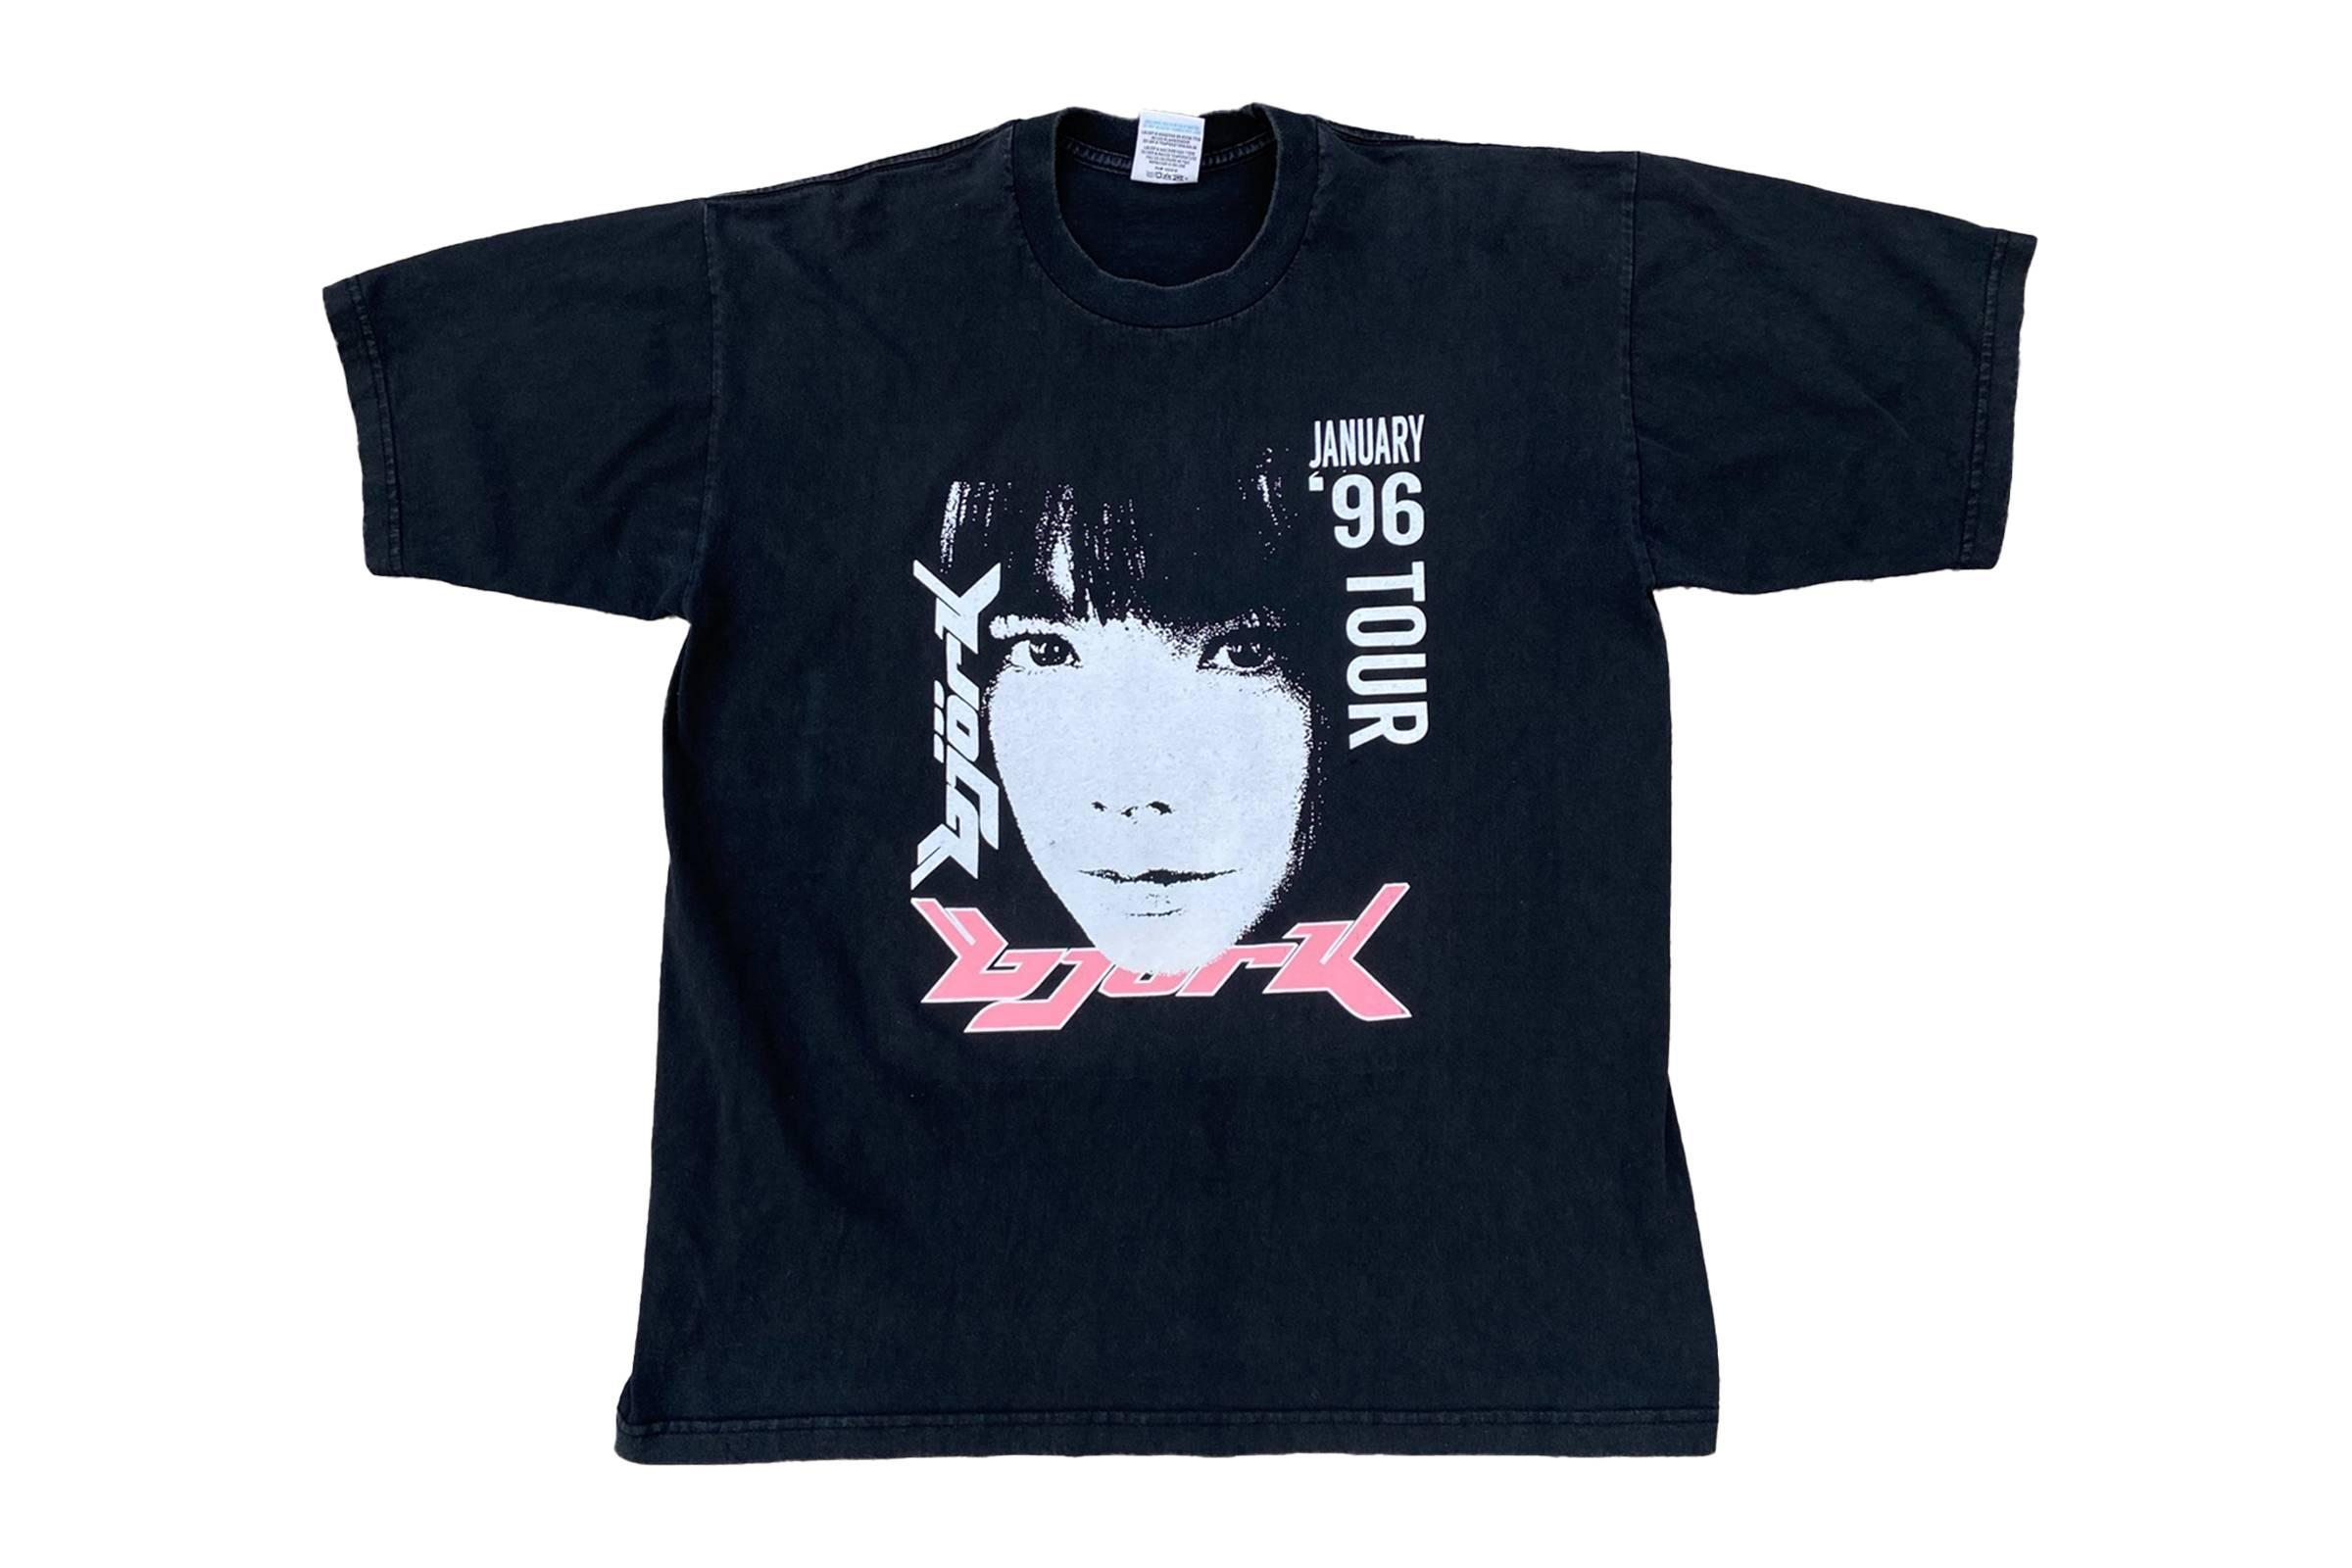 Björk 1996 Tour Tee (Reprint)